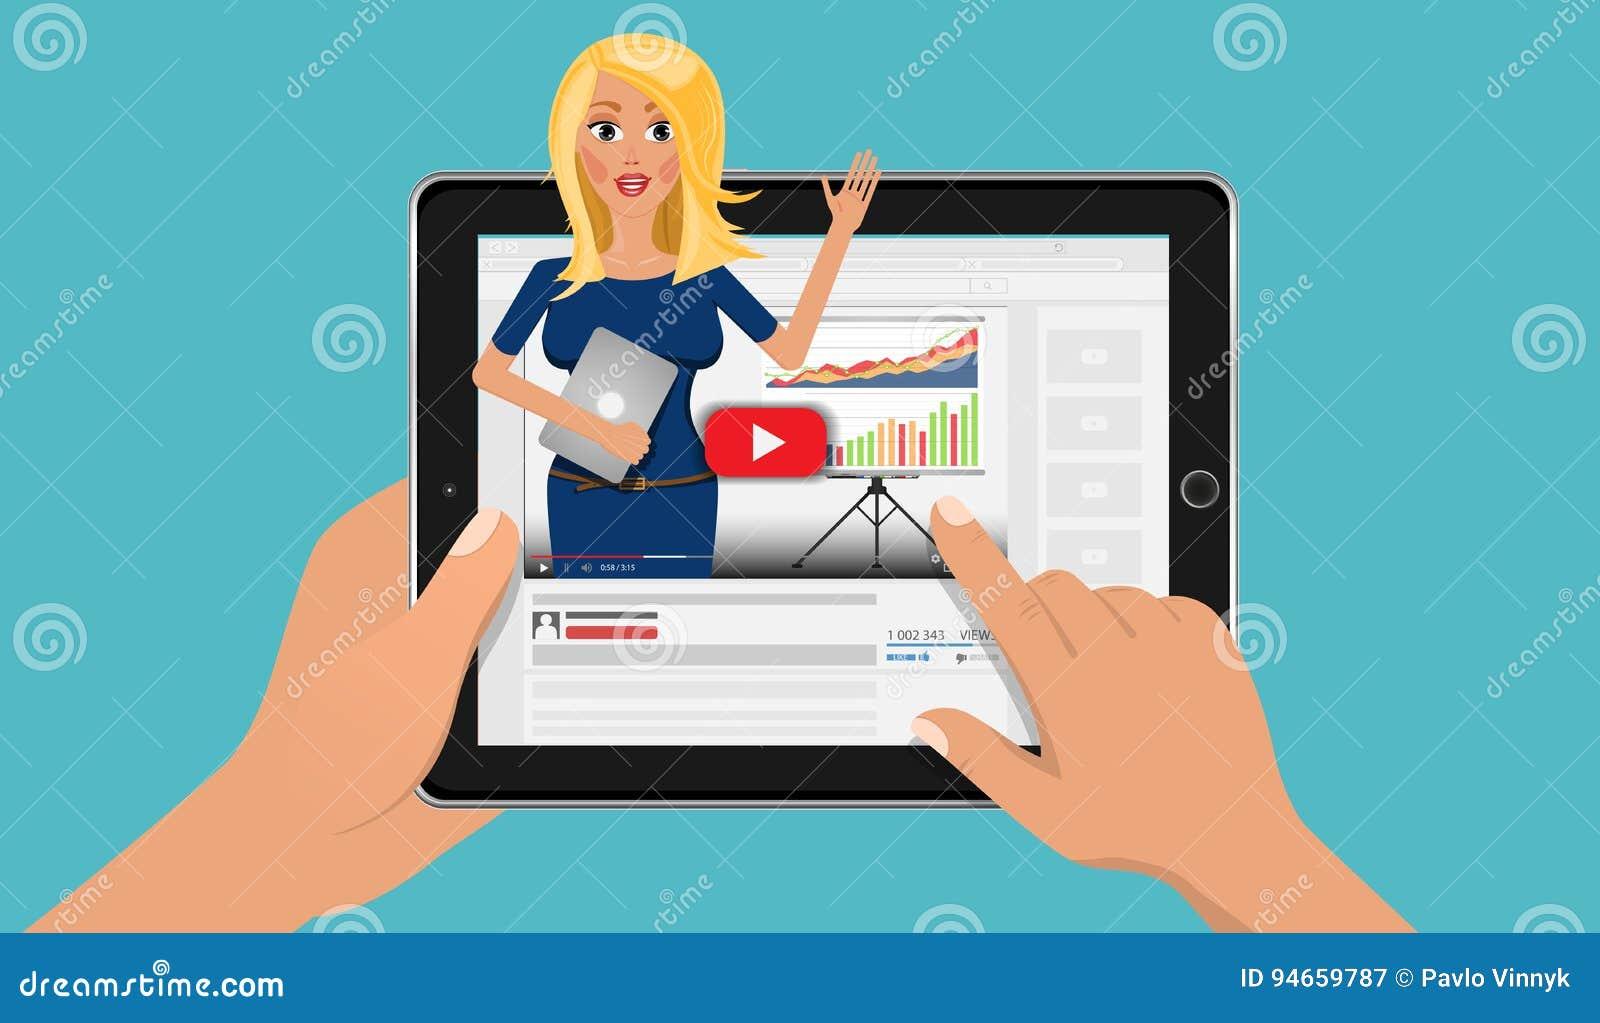 Online bedrijfsonderwijs met invloedsvideo blogger Financiën webinar en het trainen opleiding in uw tabletpc vlak